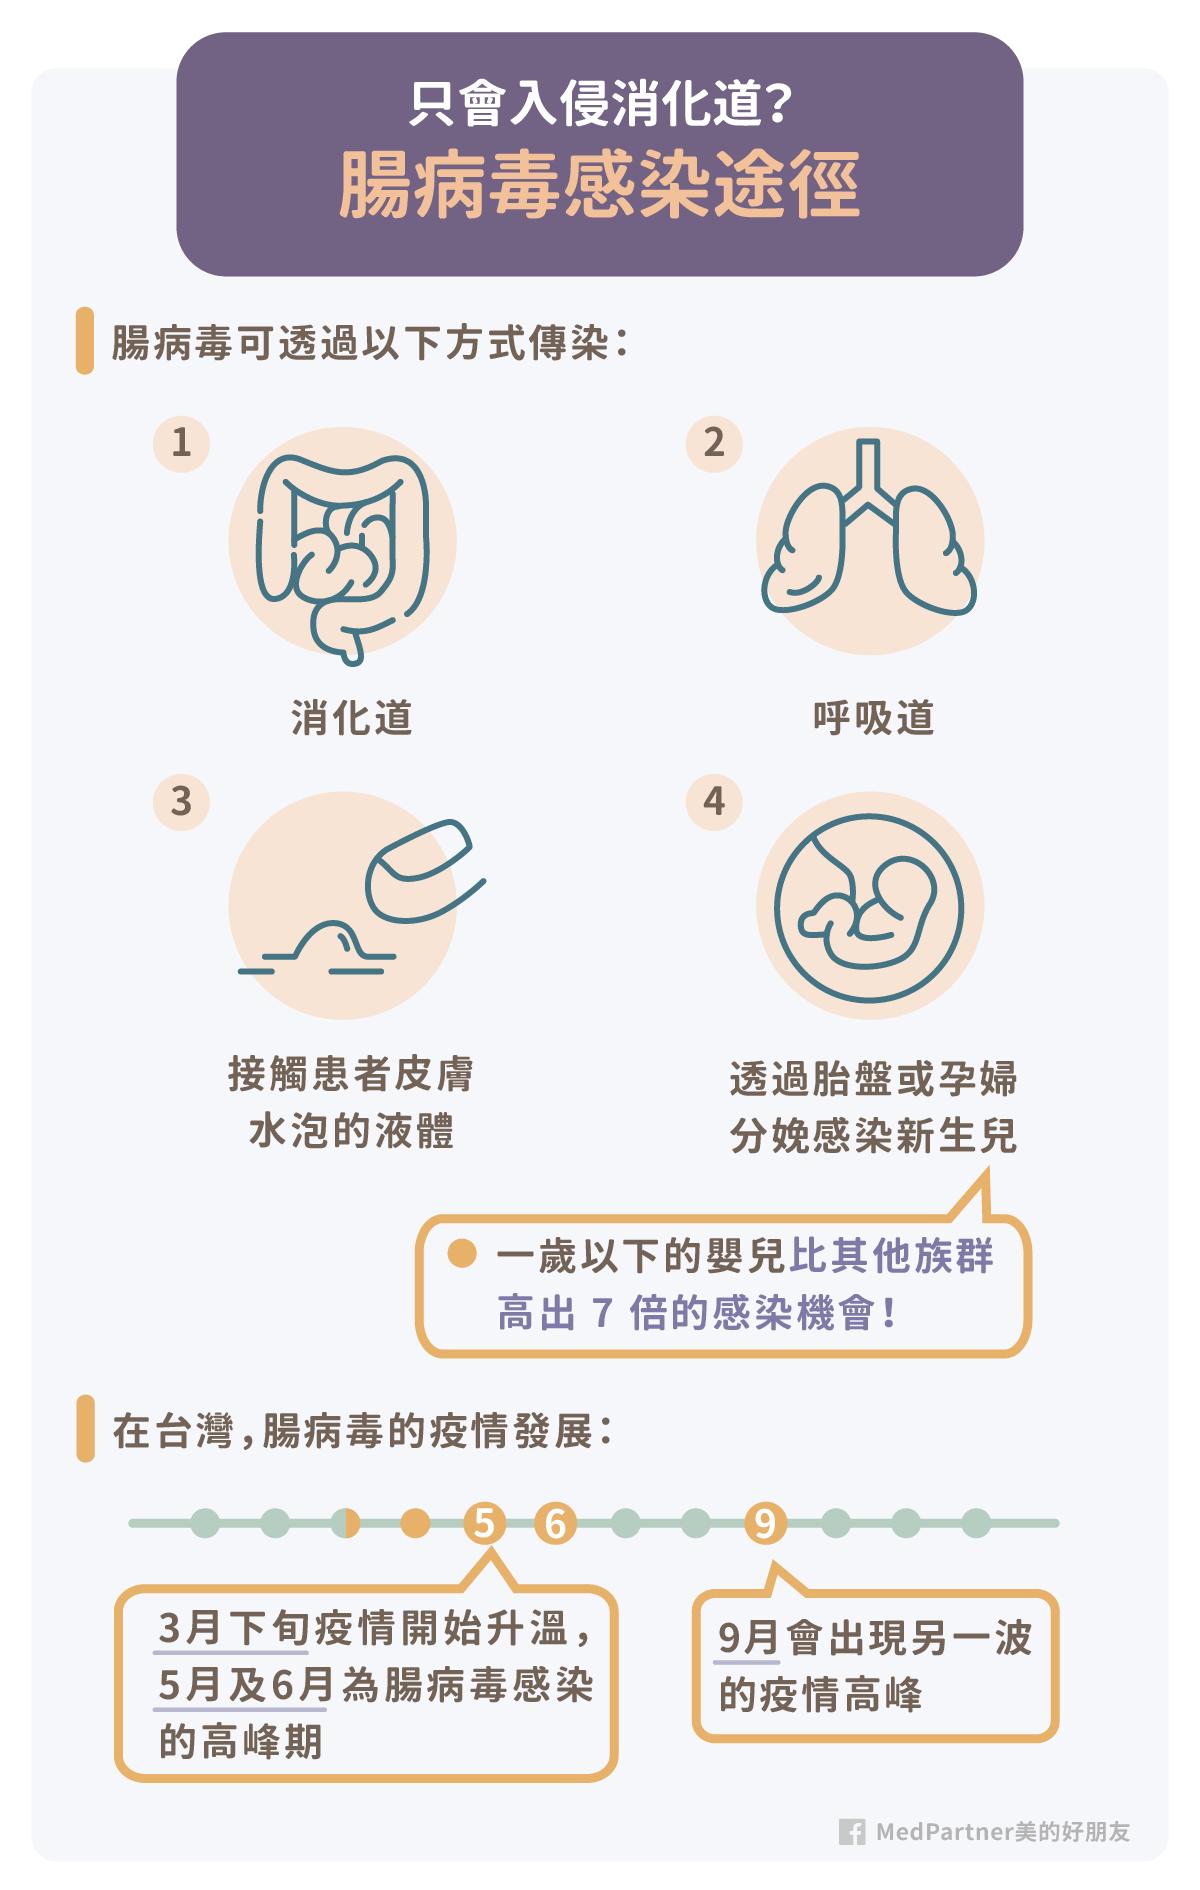 腸病毒症狀有哪些?如何治療及預防?醫師圖文完整解說!